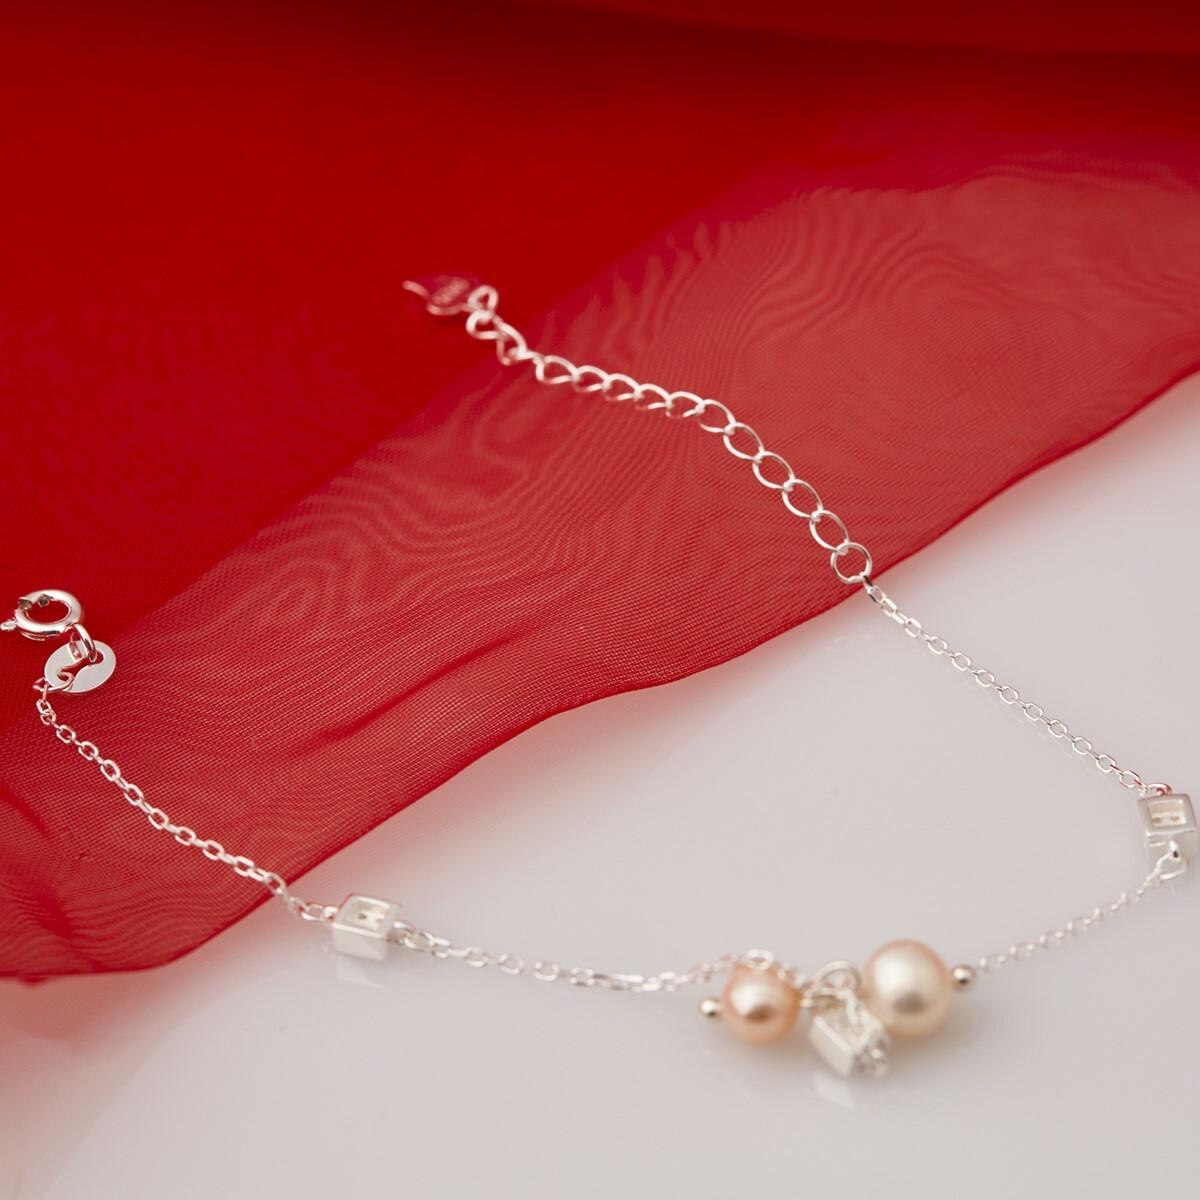 Lắc bạc đính ngọc trai - Opal - BT5-05 giá gốc 550.000 đồng, giảm 40% còn 330.000 đồng; độ dài lắc tay 16 - 18 cm; thiết kế hiện đại và trẻ trung, là lựa chọn phù hợp cho những cô nàng thích sự đơn giản, có thể kết hợp nhiều phong cách khác nhau.